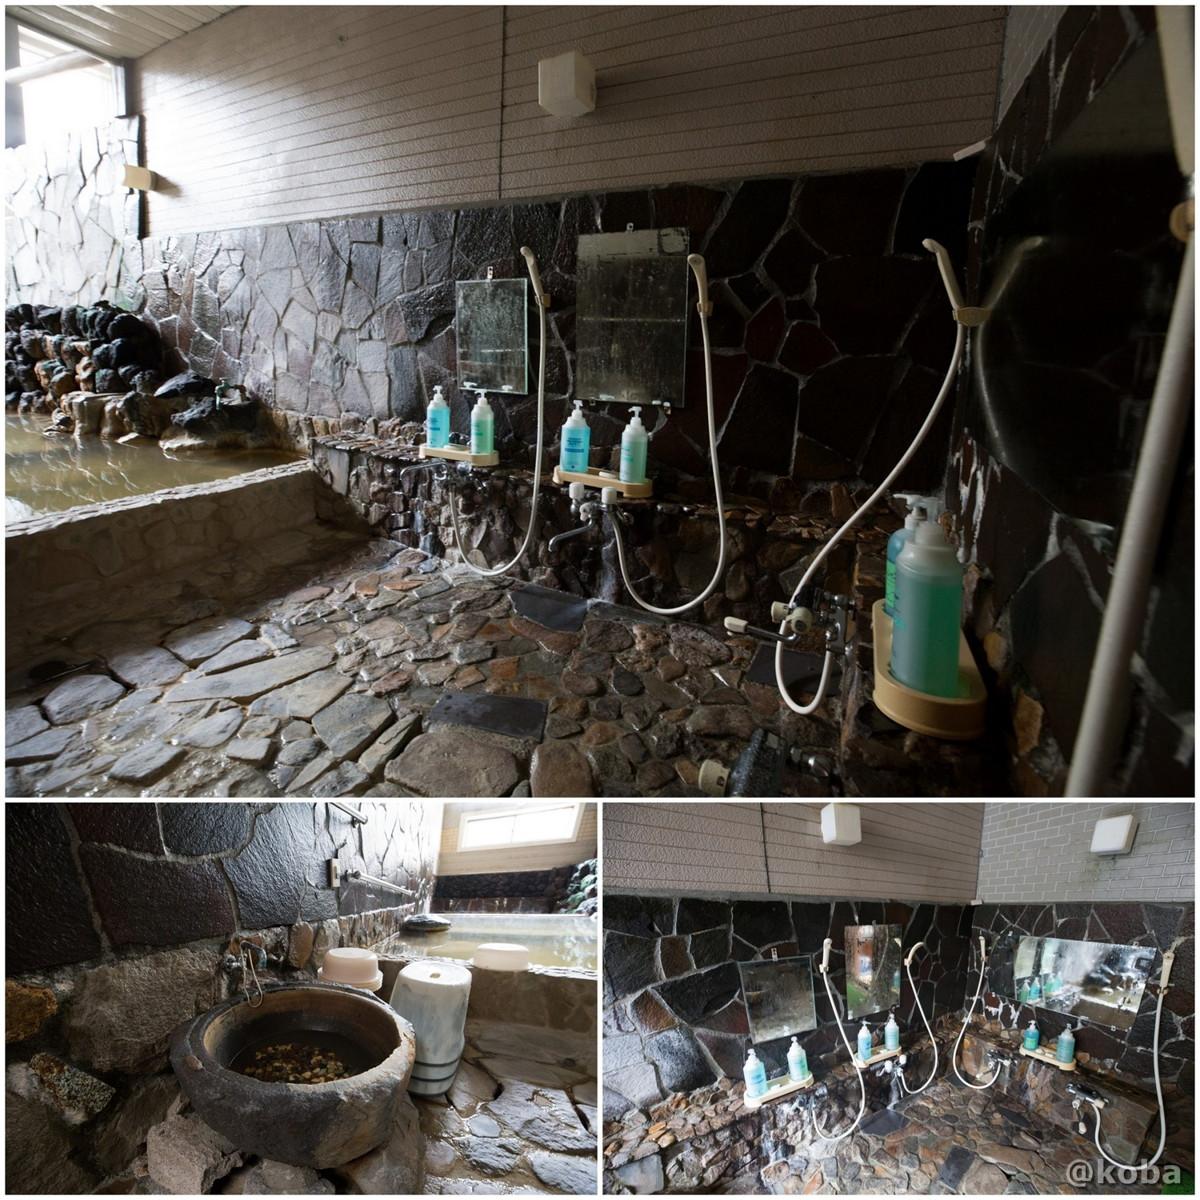 洗い場 4人分のシャワー付カランの写真|八千代温泉 芹の湯|日帰り入浴|群馬県